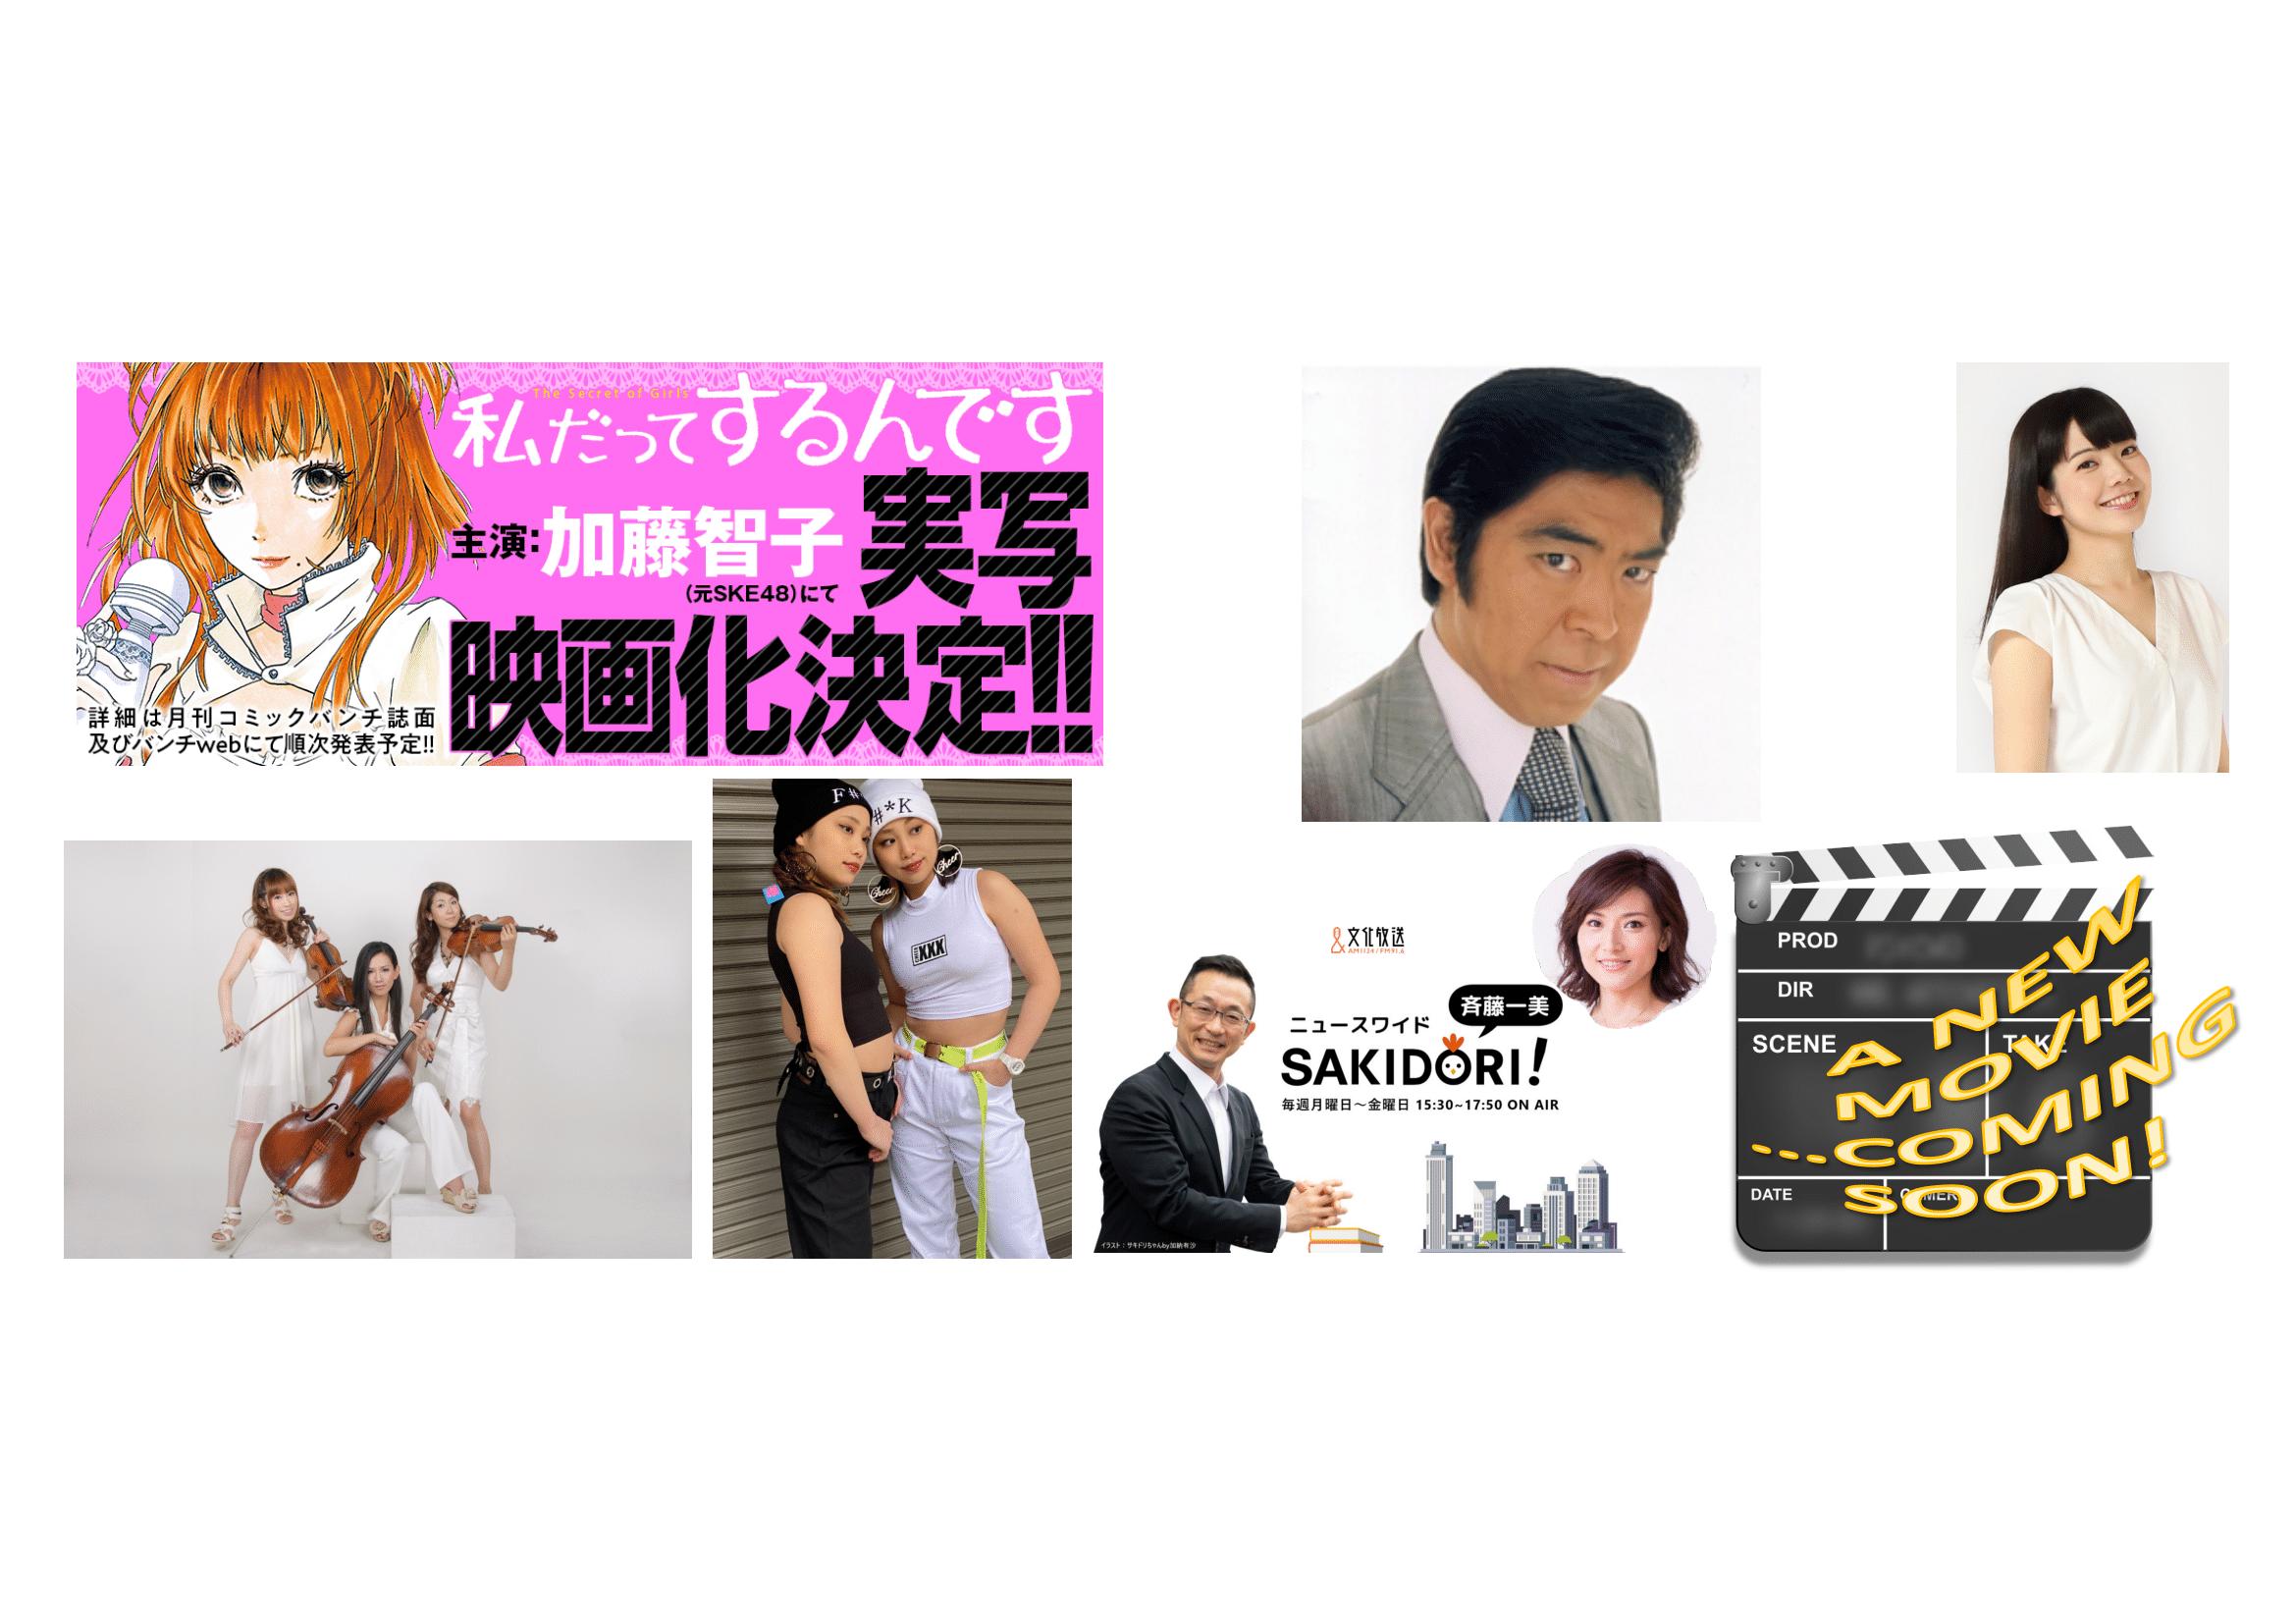 PRODUCE / MANAGEMENT / CASTING,etc. WIZARDRY Entertainment co.,ltd.